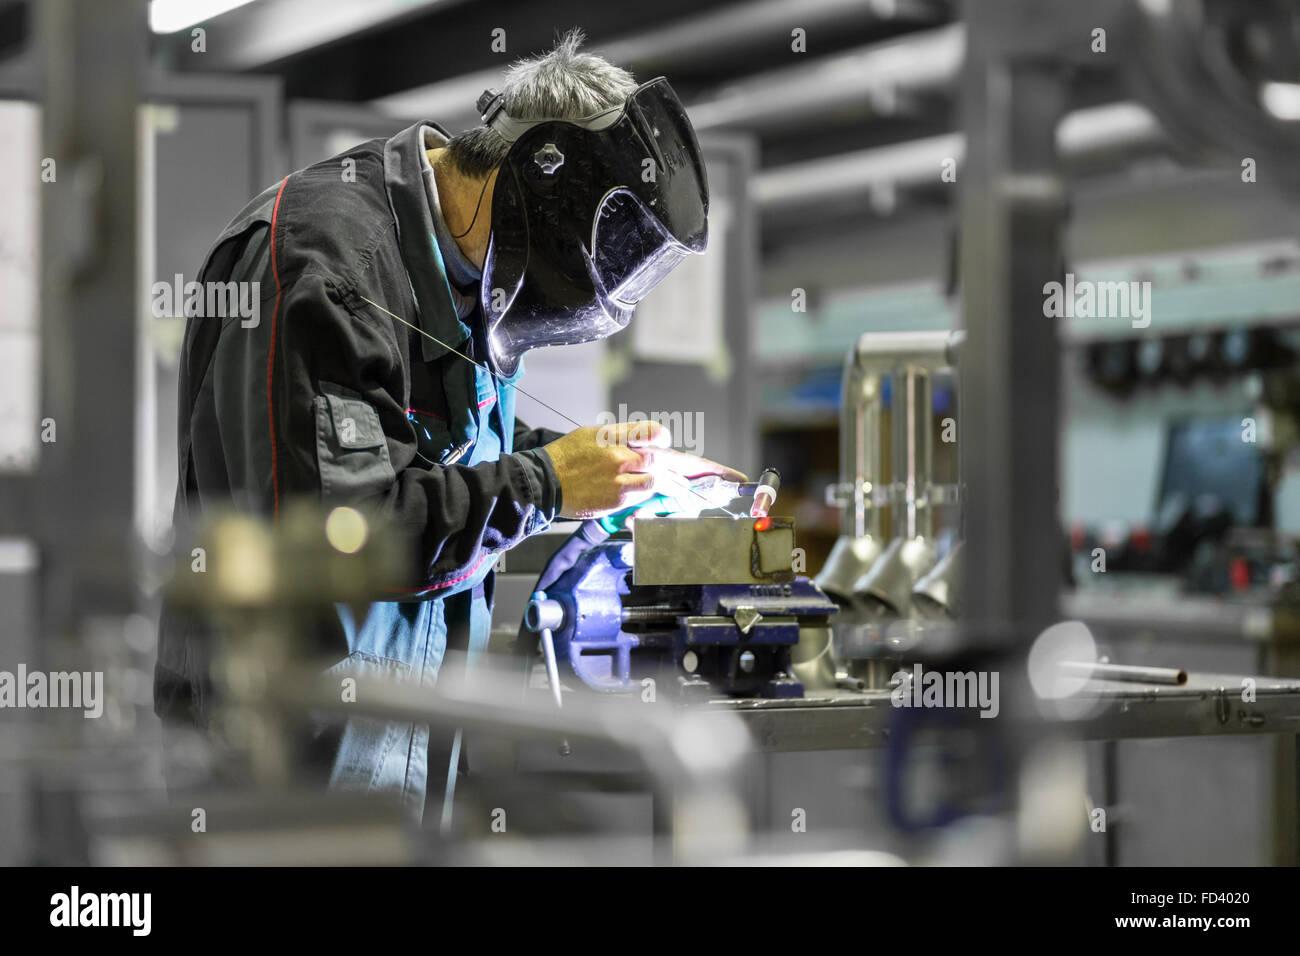 Industriearbeiter in Metallfabrik Schweißen. Stockbild